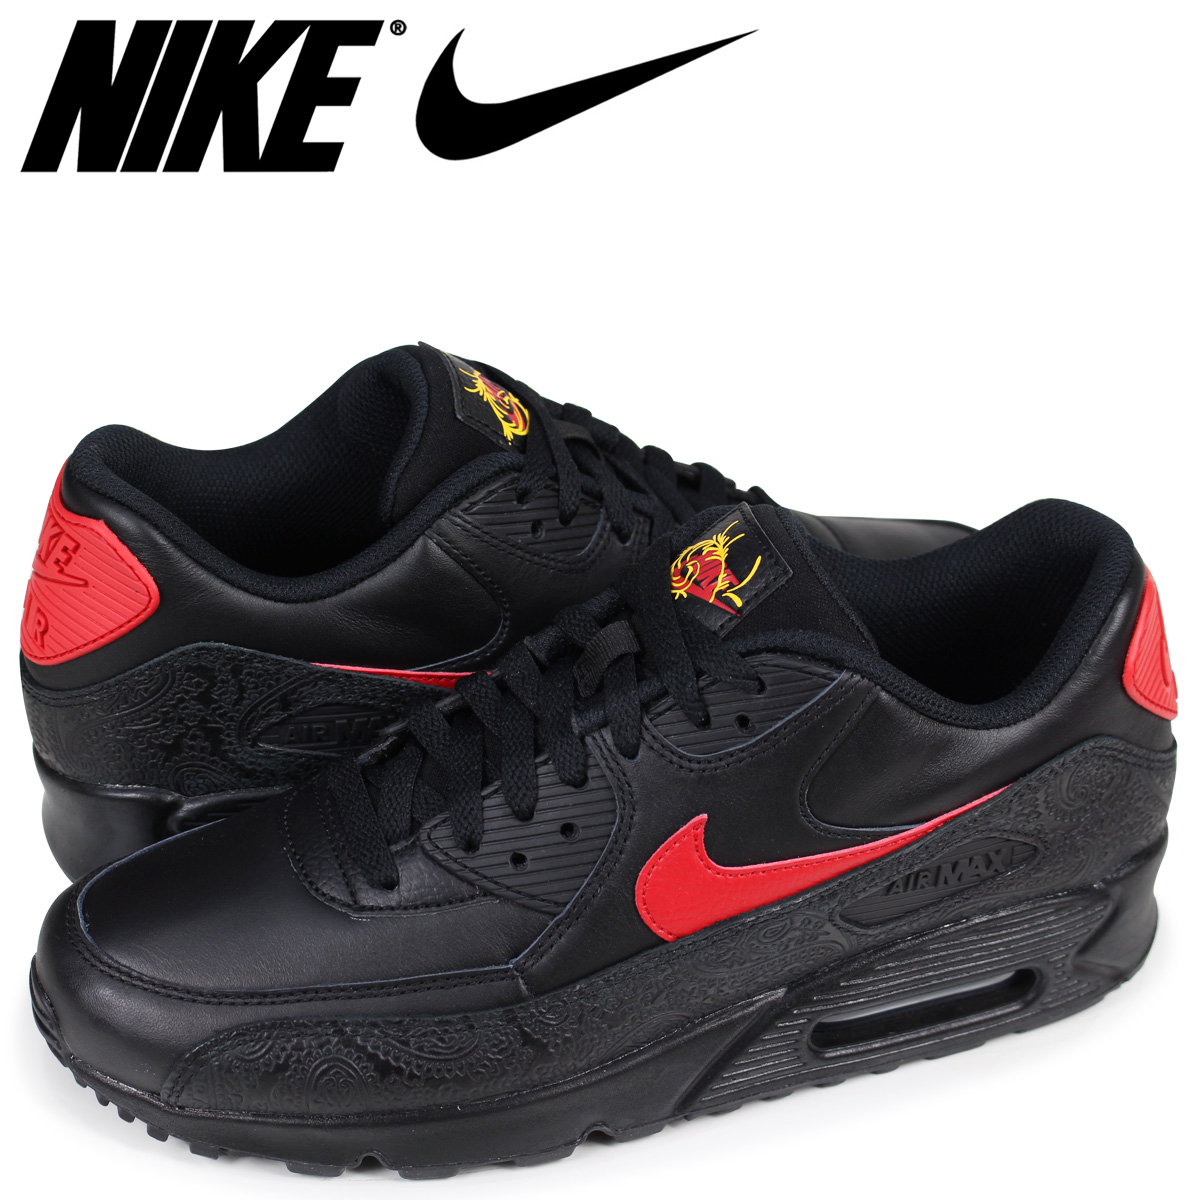 8f15d18d56 ... coupon code nike nike air max 90 sneakers men air max 90 f ao3152 001  black